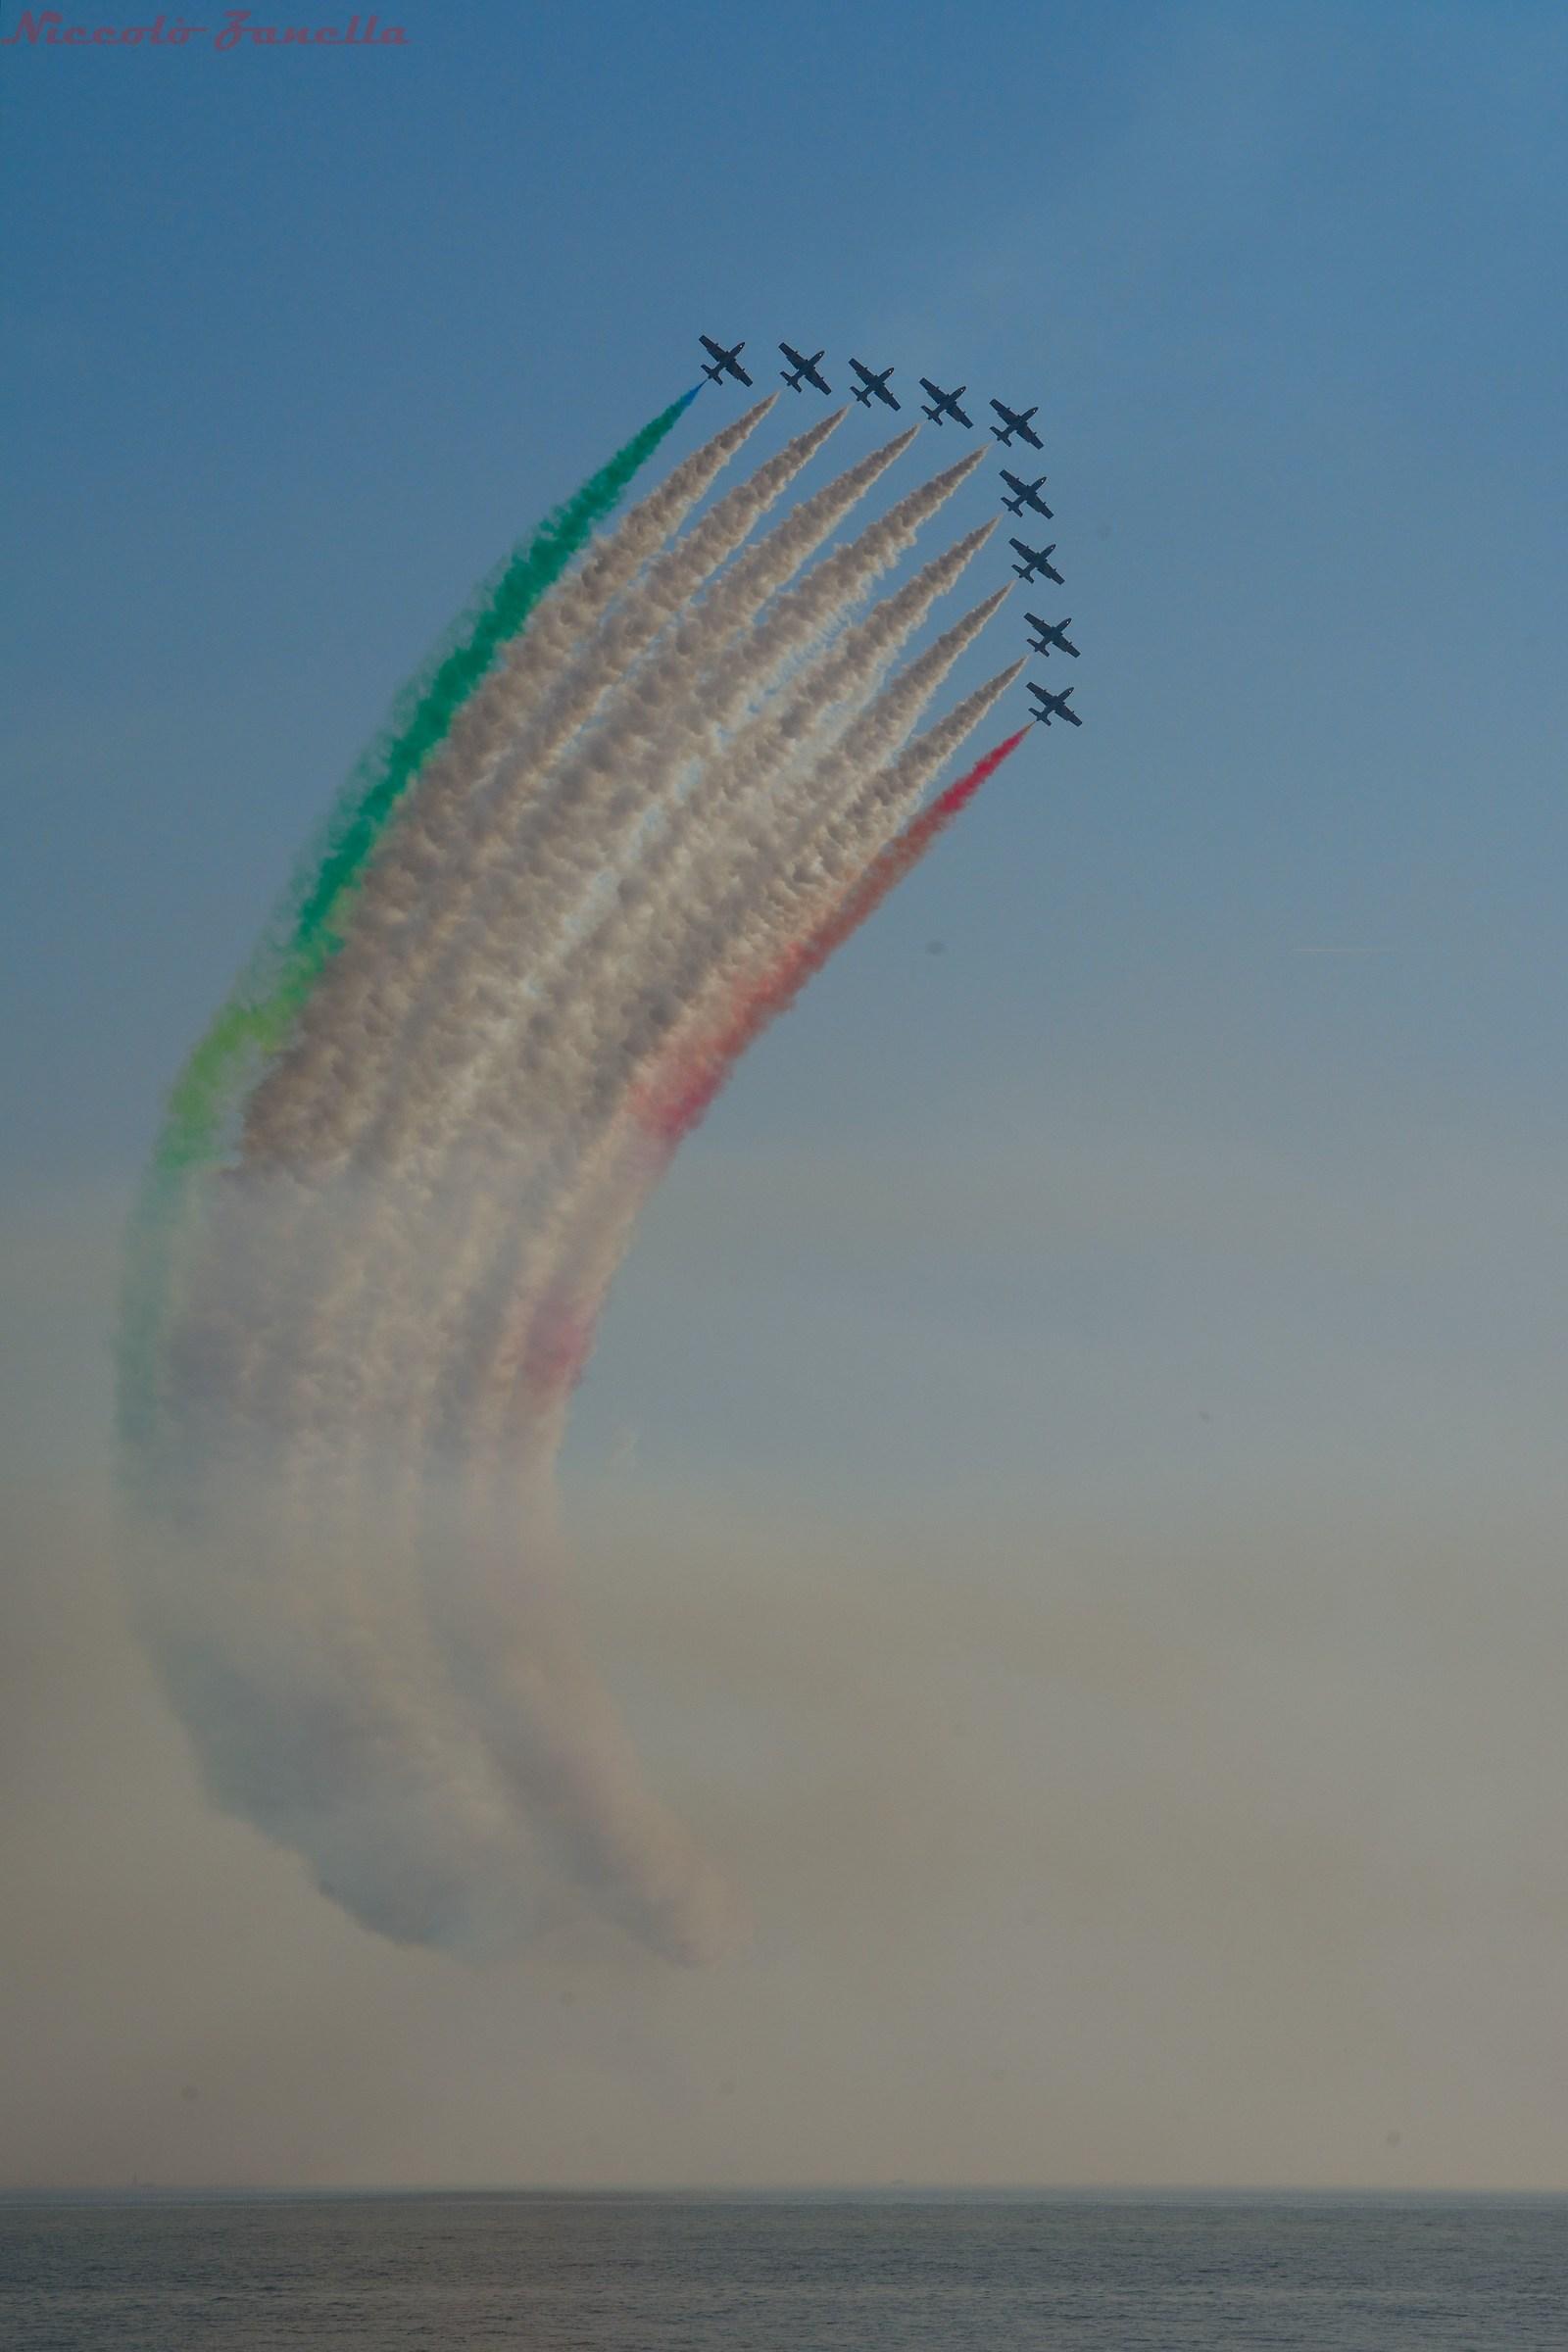 The tricolor...